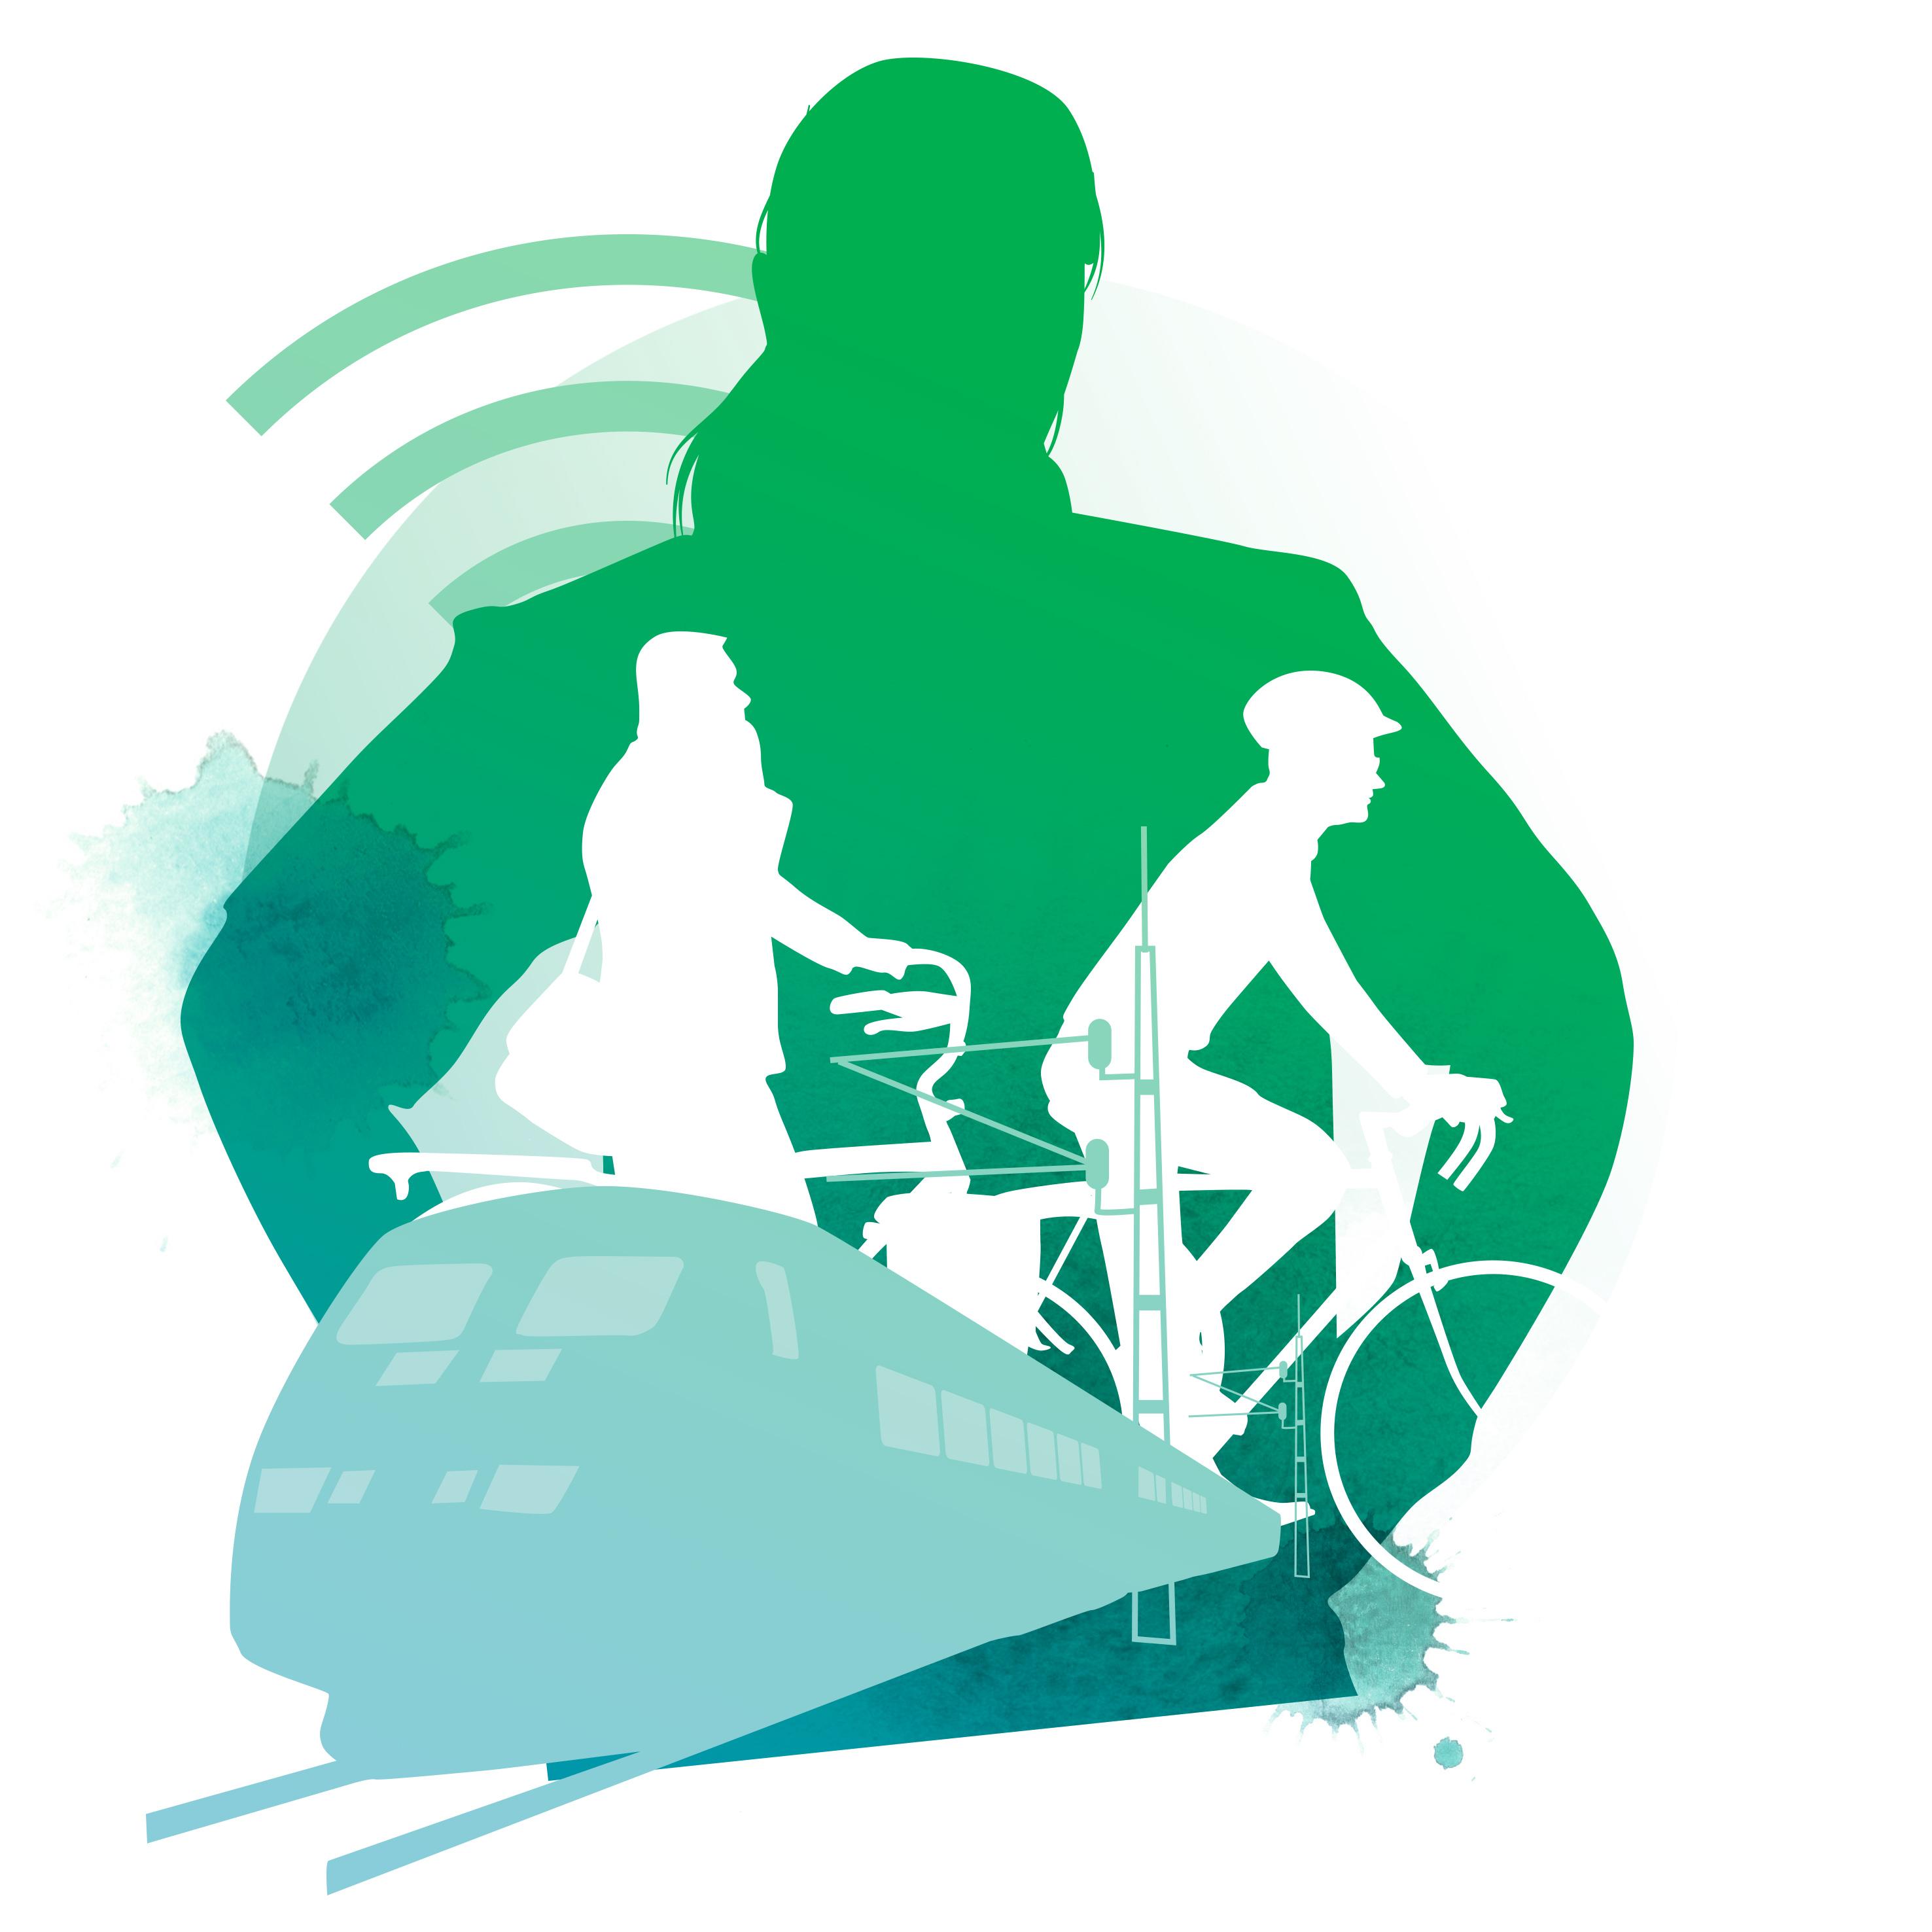 Illustration bredband och transporter